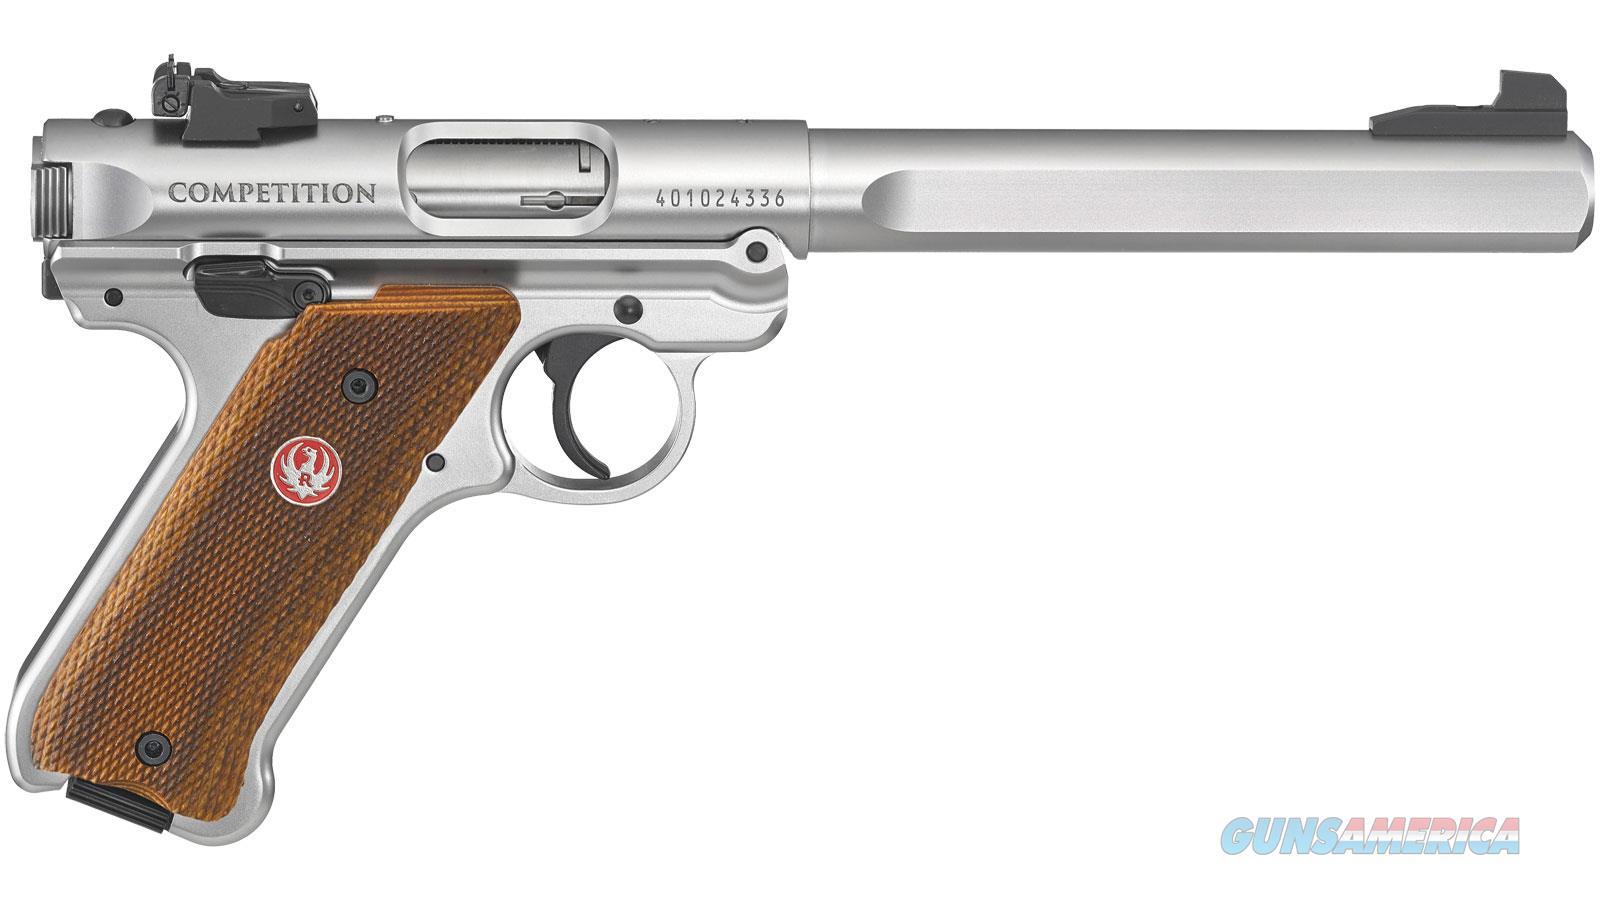 Ruger Mark Iv Competition 22Lr 40112  Guns > Pistols > R Misc Pistols